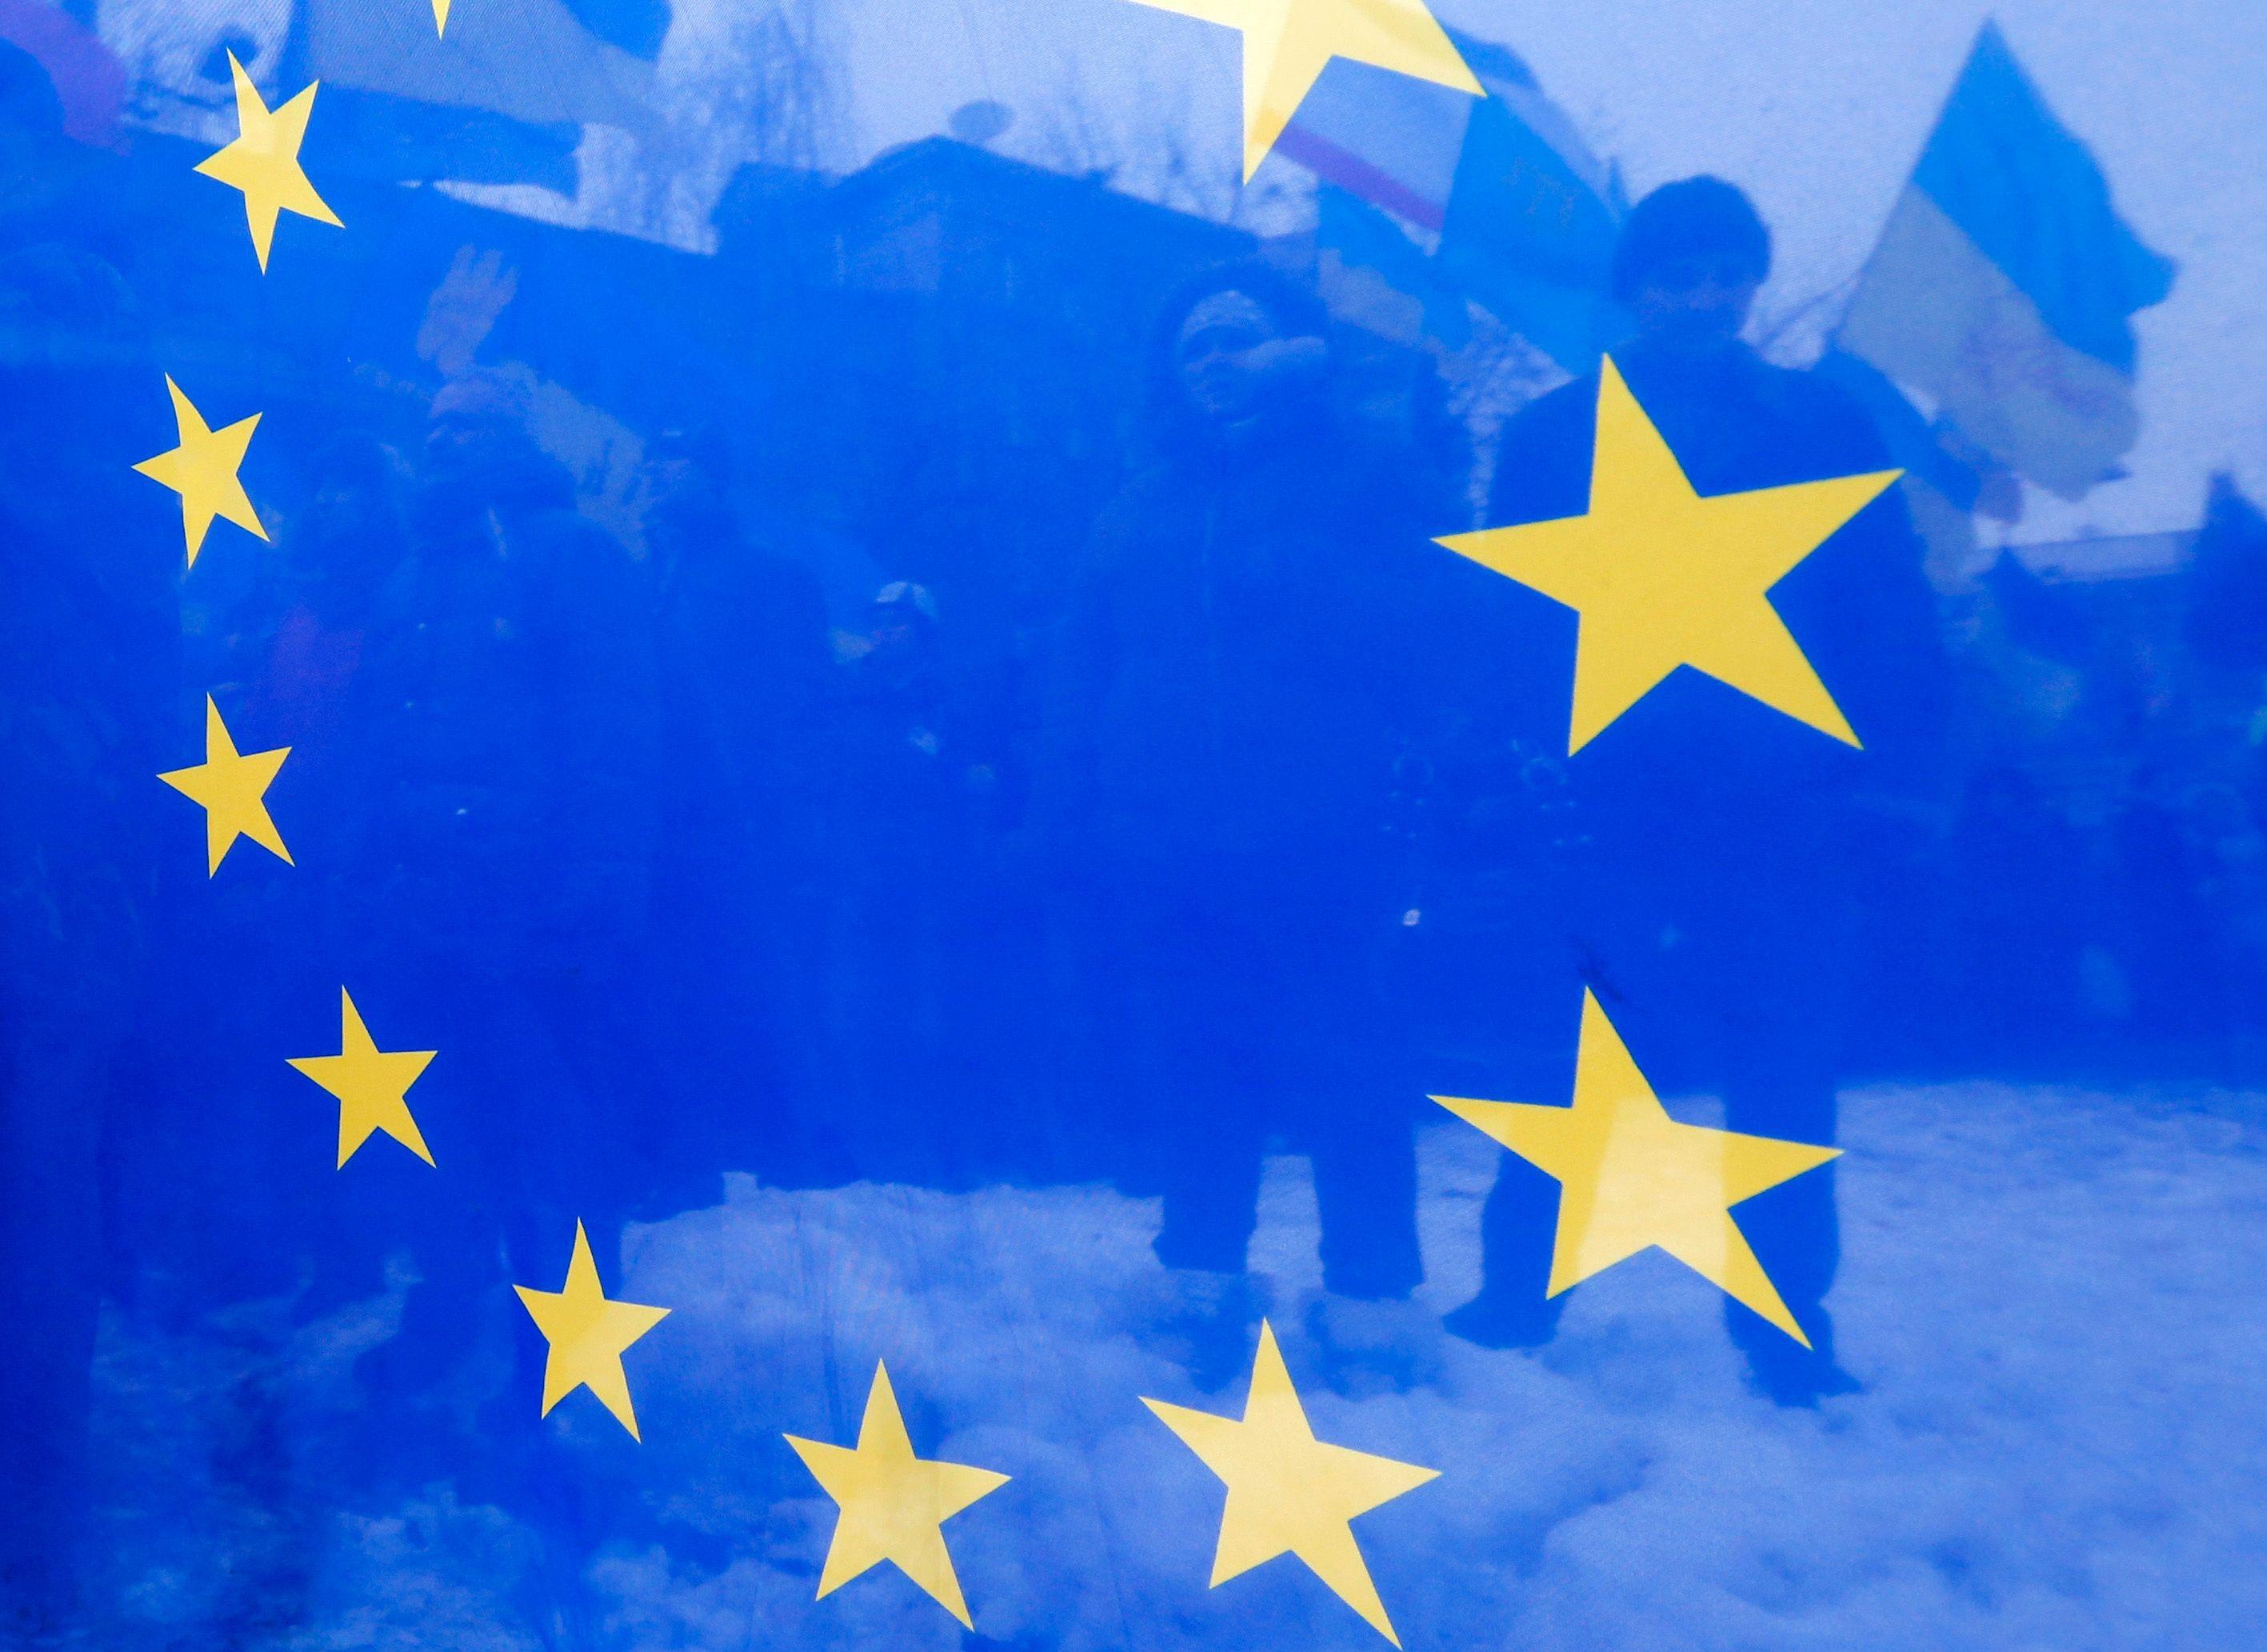 L'objectif de réduction des déficits français pour 2015 semble de plus en plus impossible à atteindre.